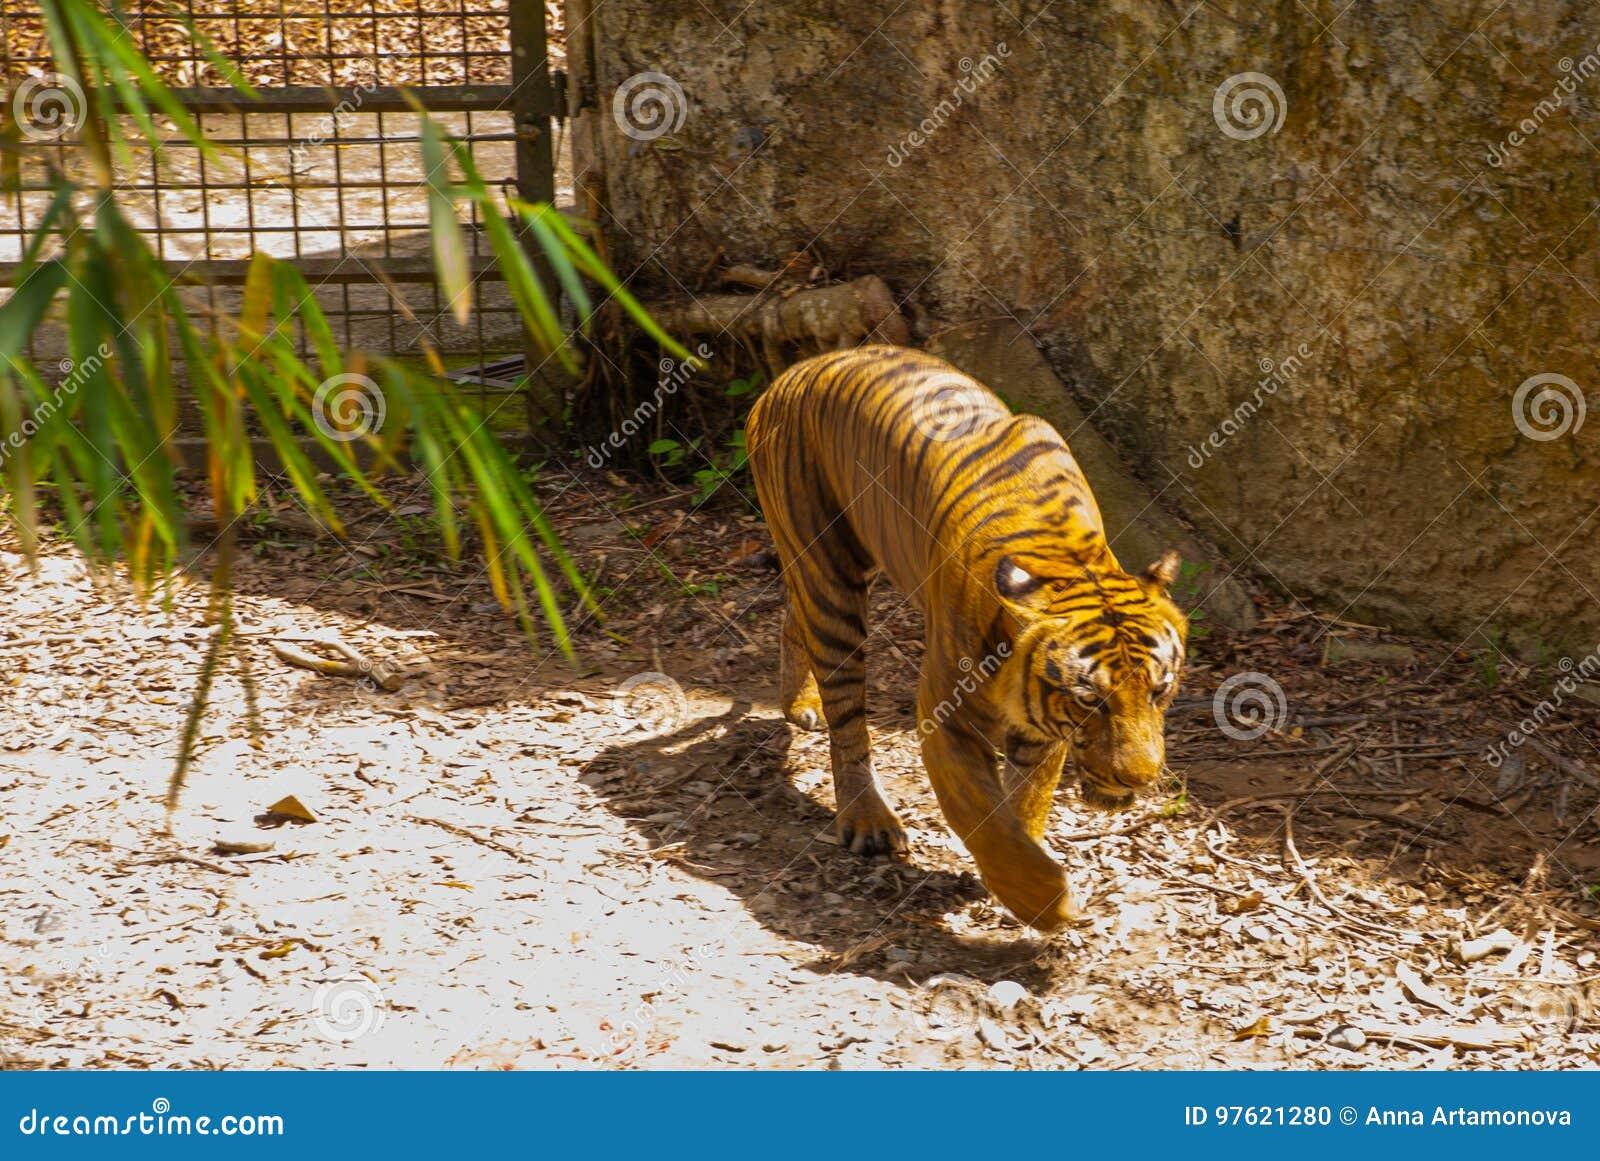 Tygrys jest królewiątkiem dżungla Tygrys tropi w forestTiger w zoo